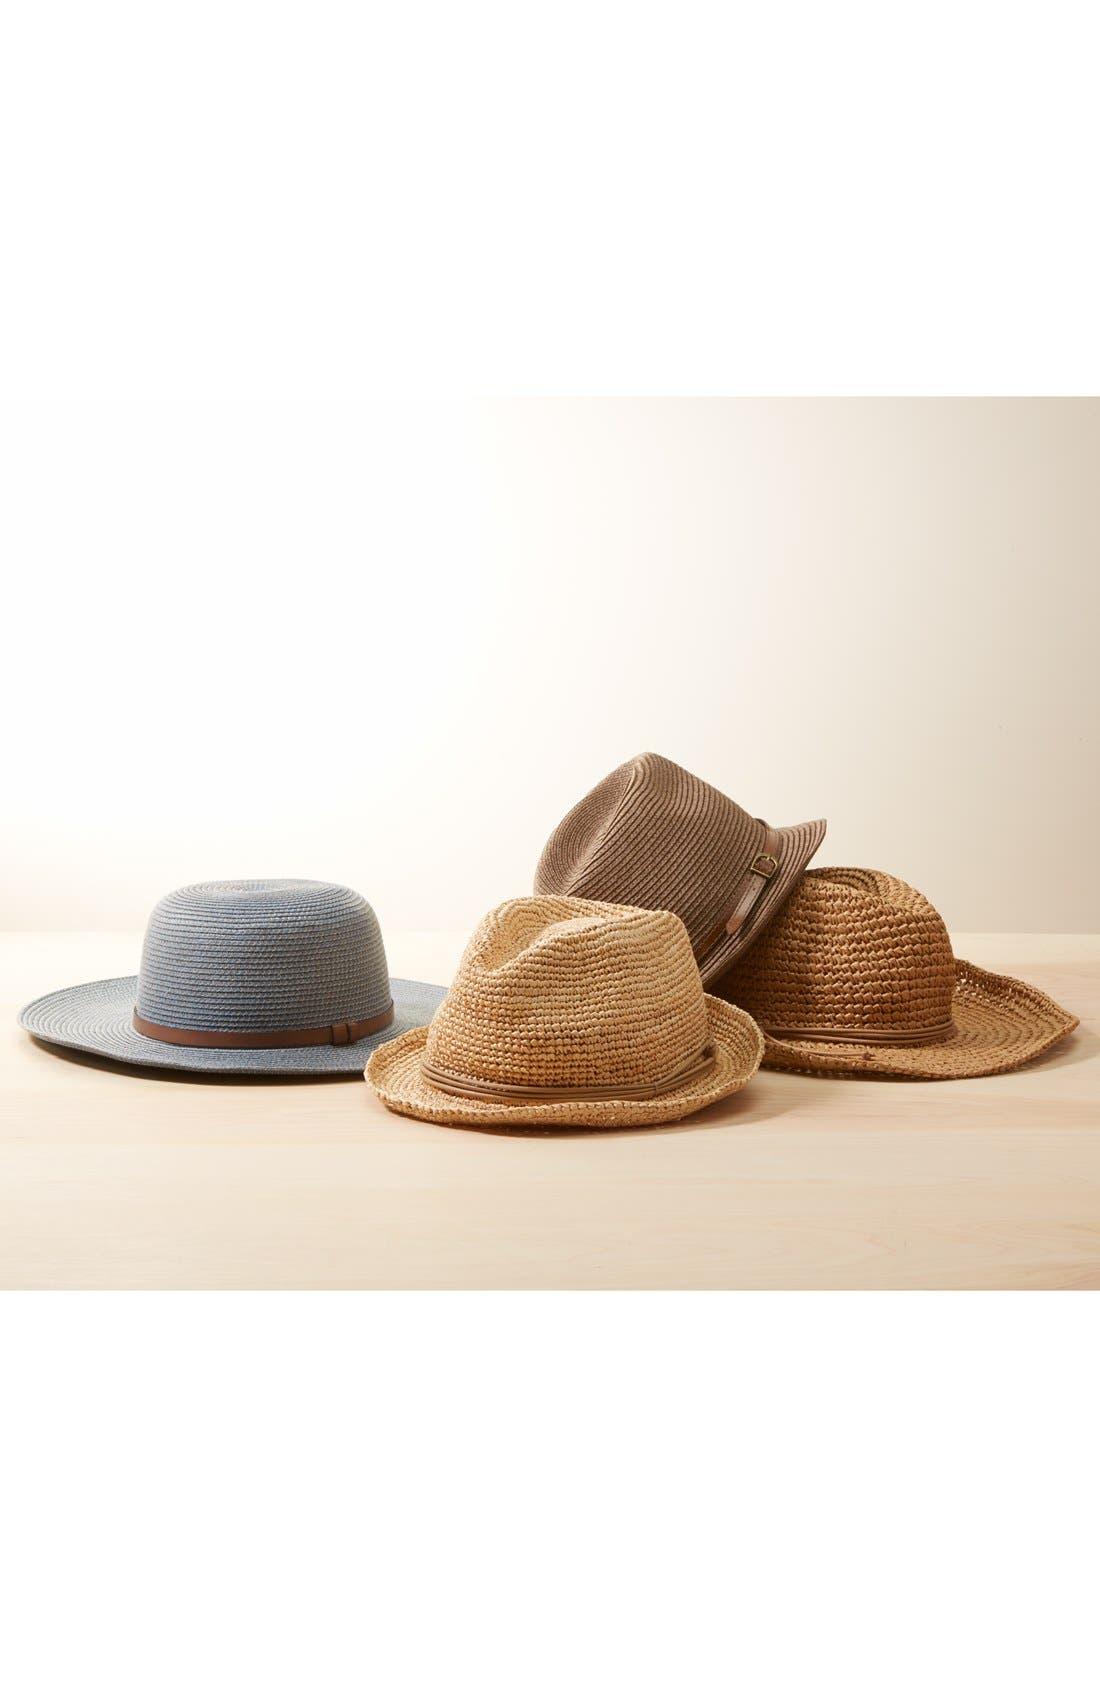 Alternate Image 3  - Nordstrom Straw Floppy Hat